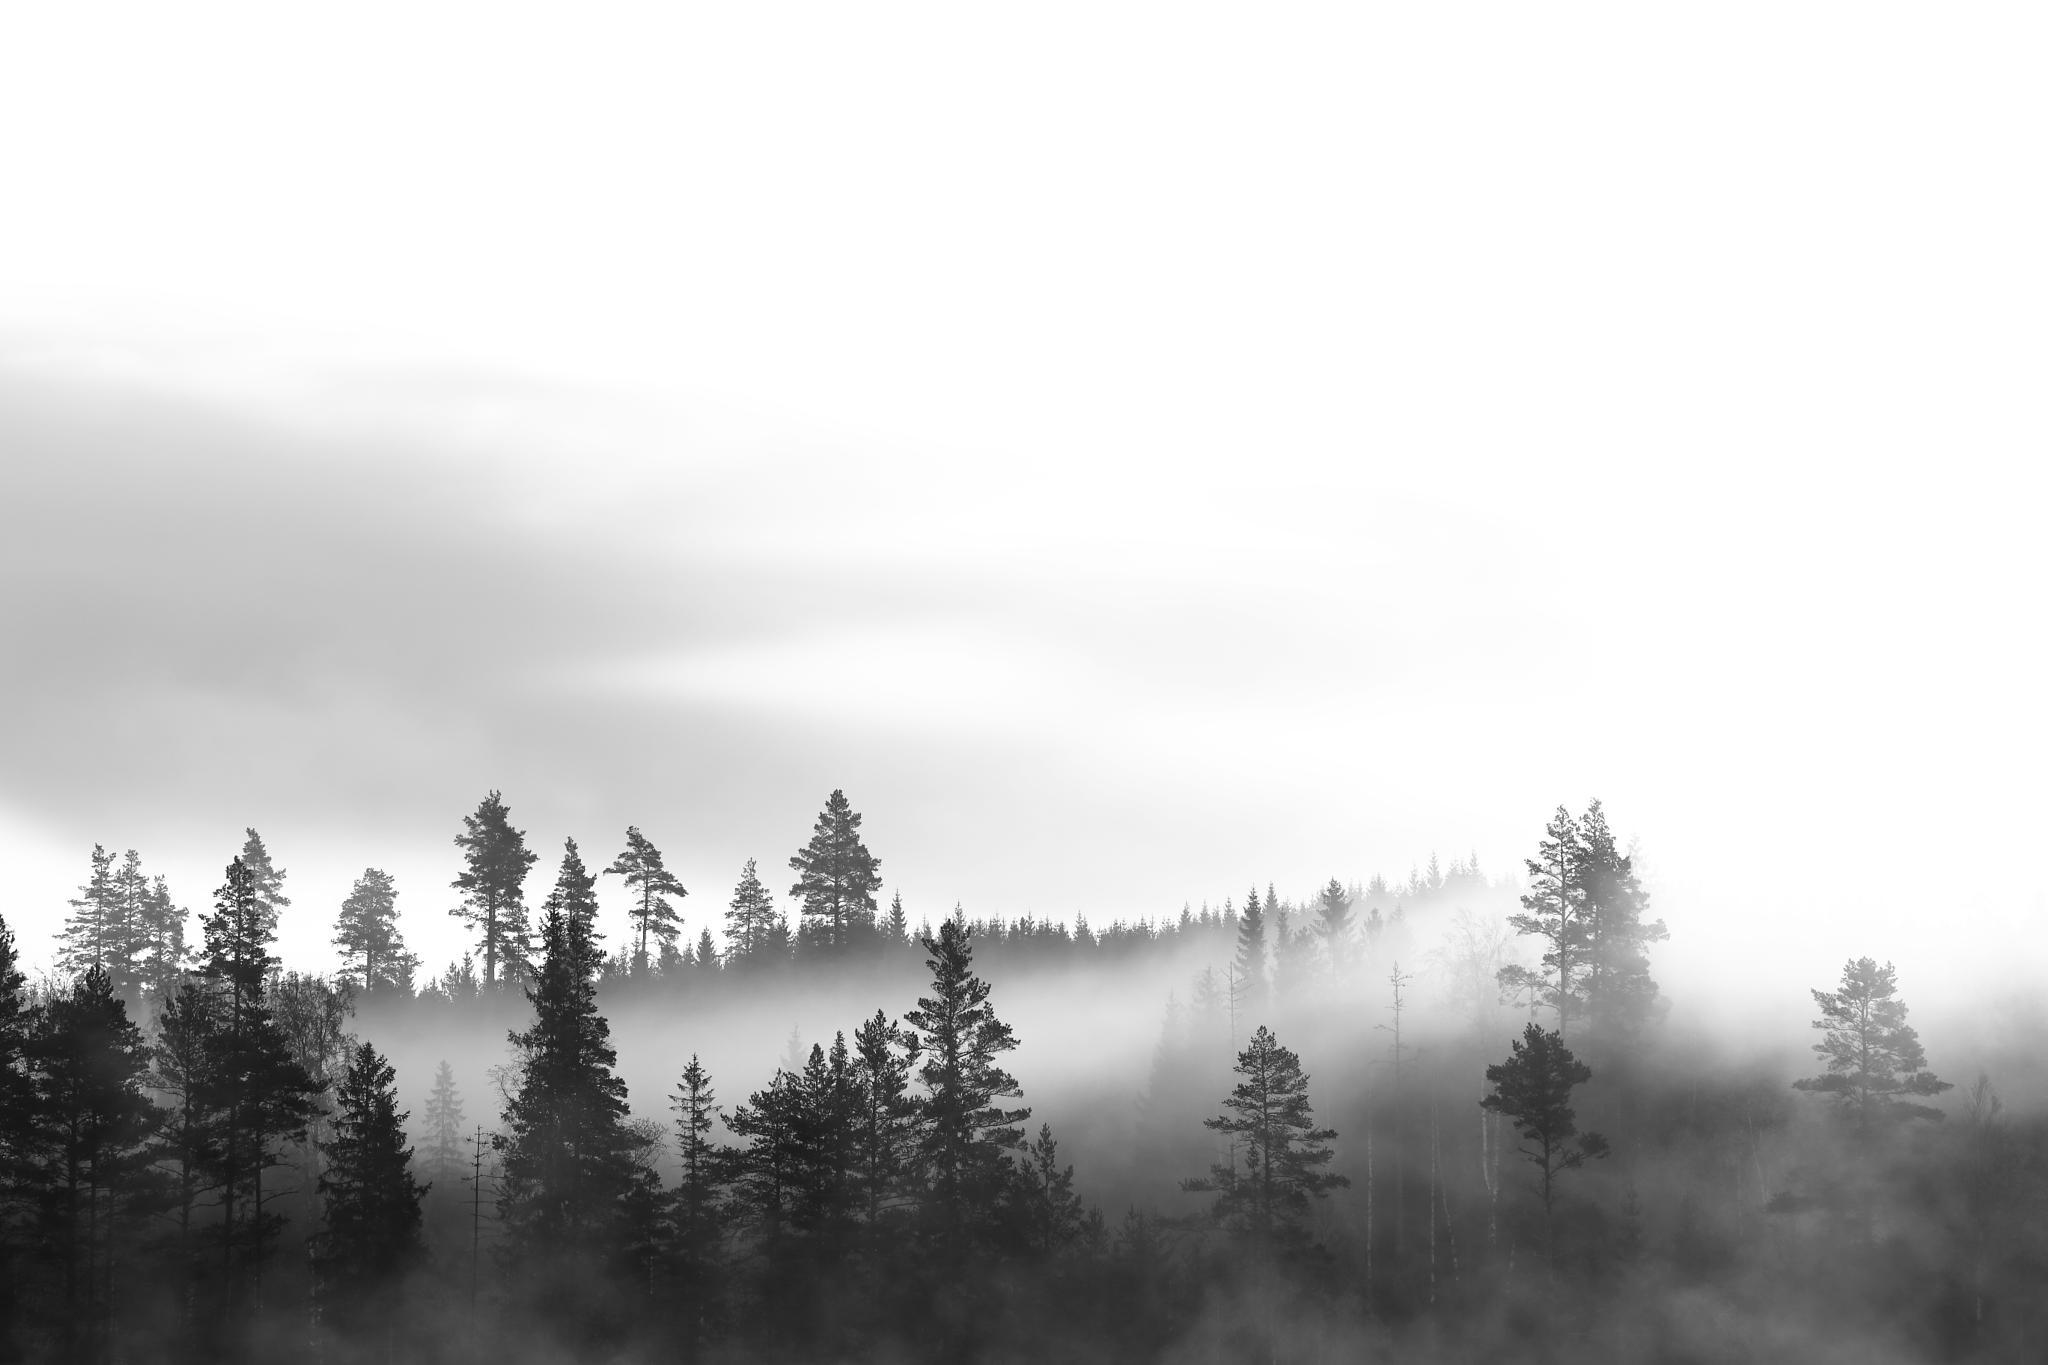 The landscape in B&W by SRFOTO